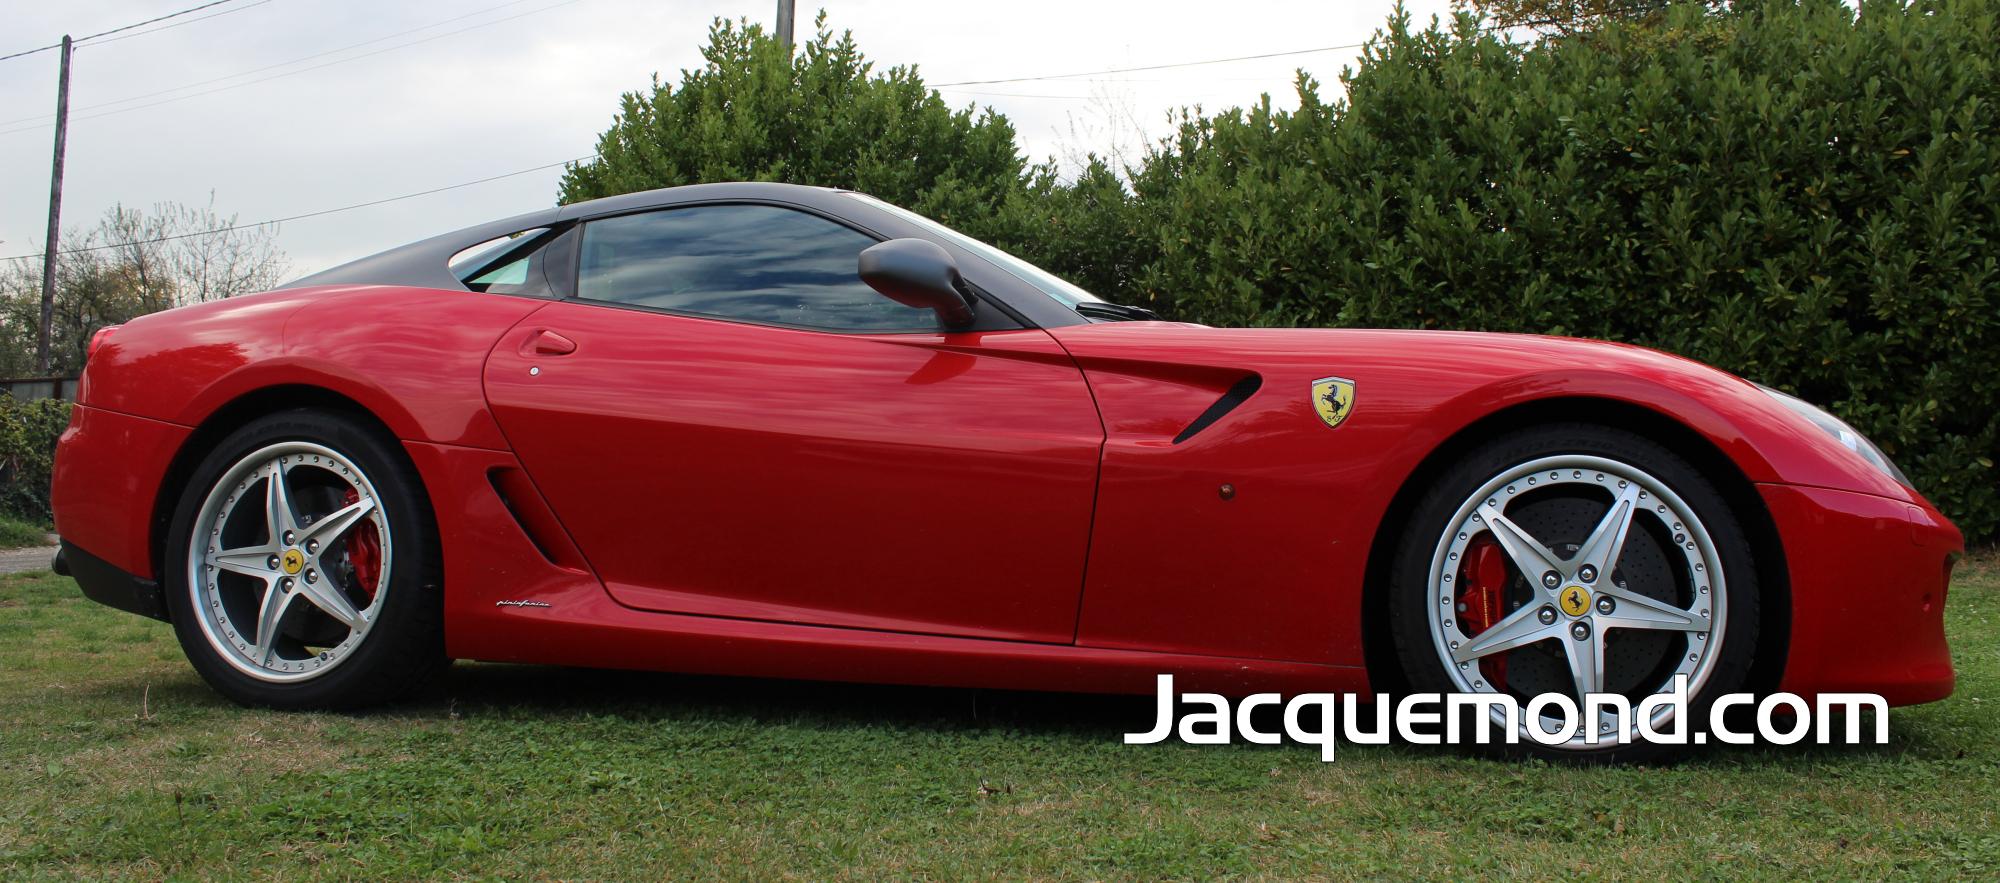 Bas de caisse Ferrari 599 par Jacquemond.